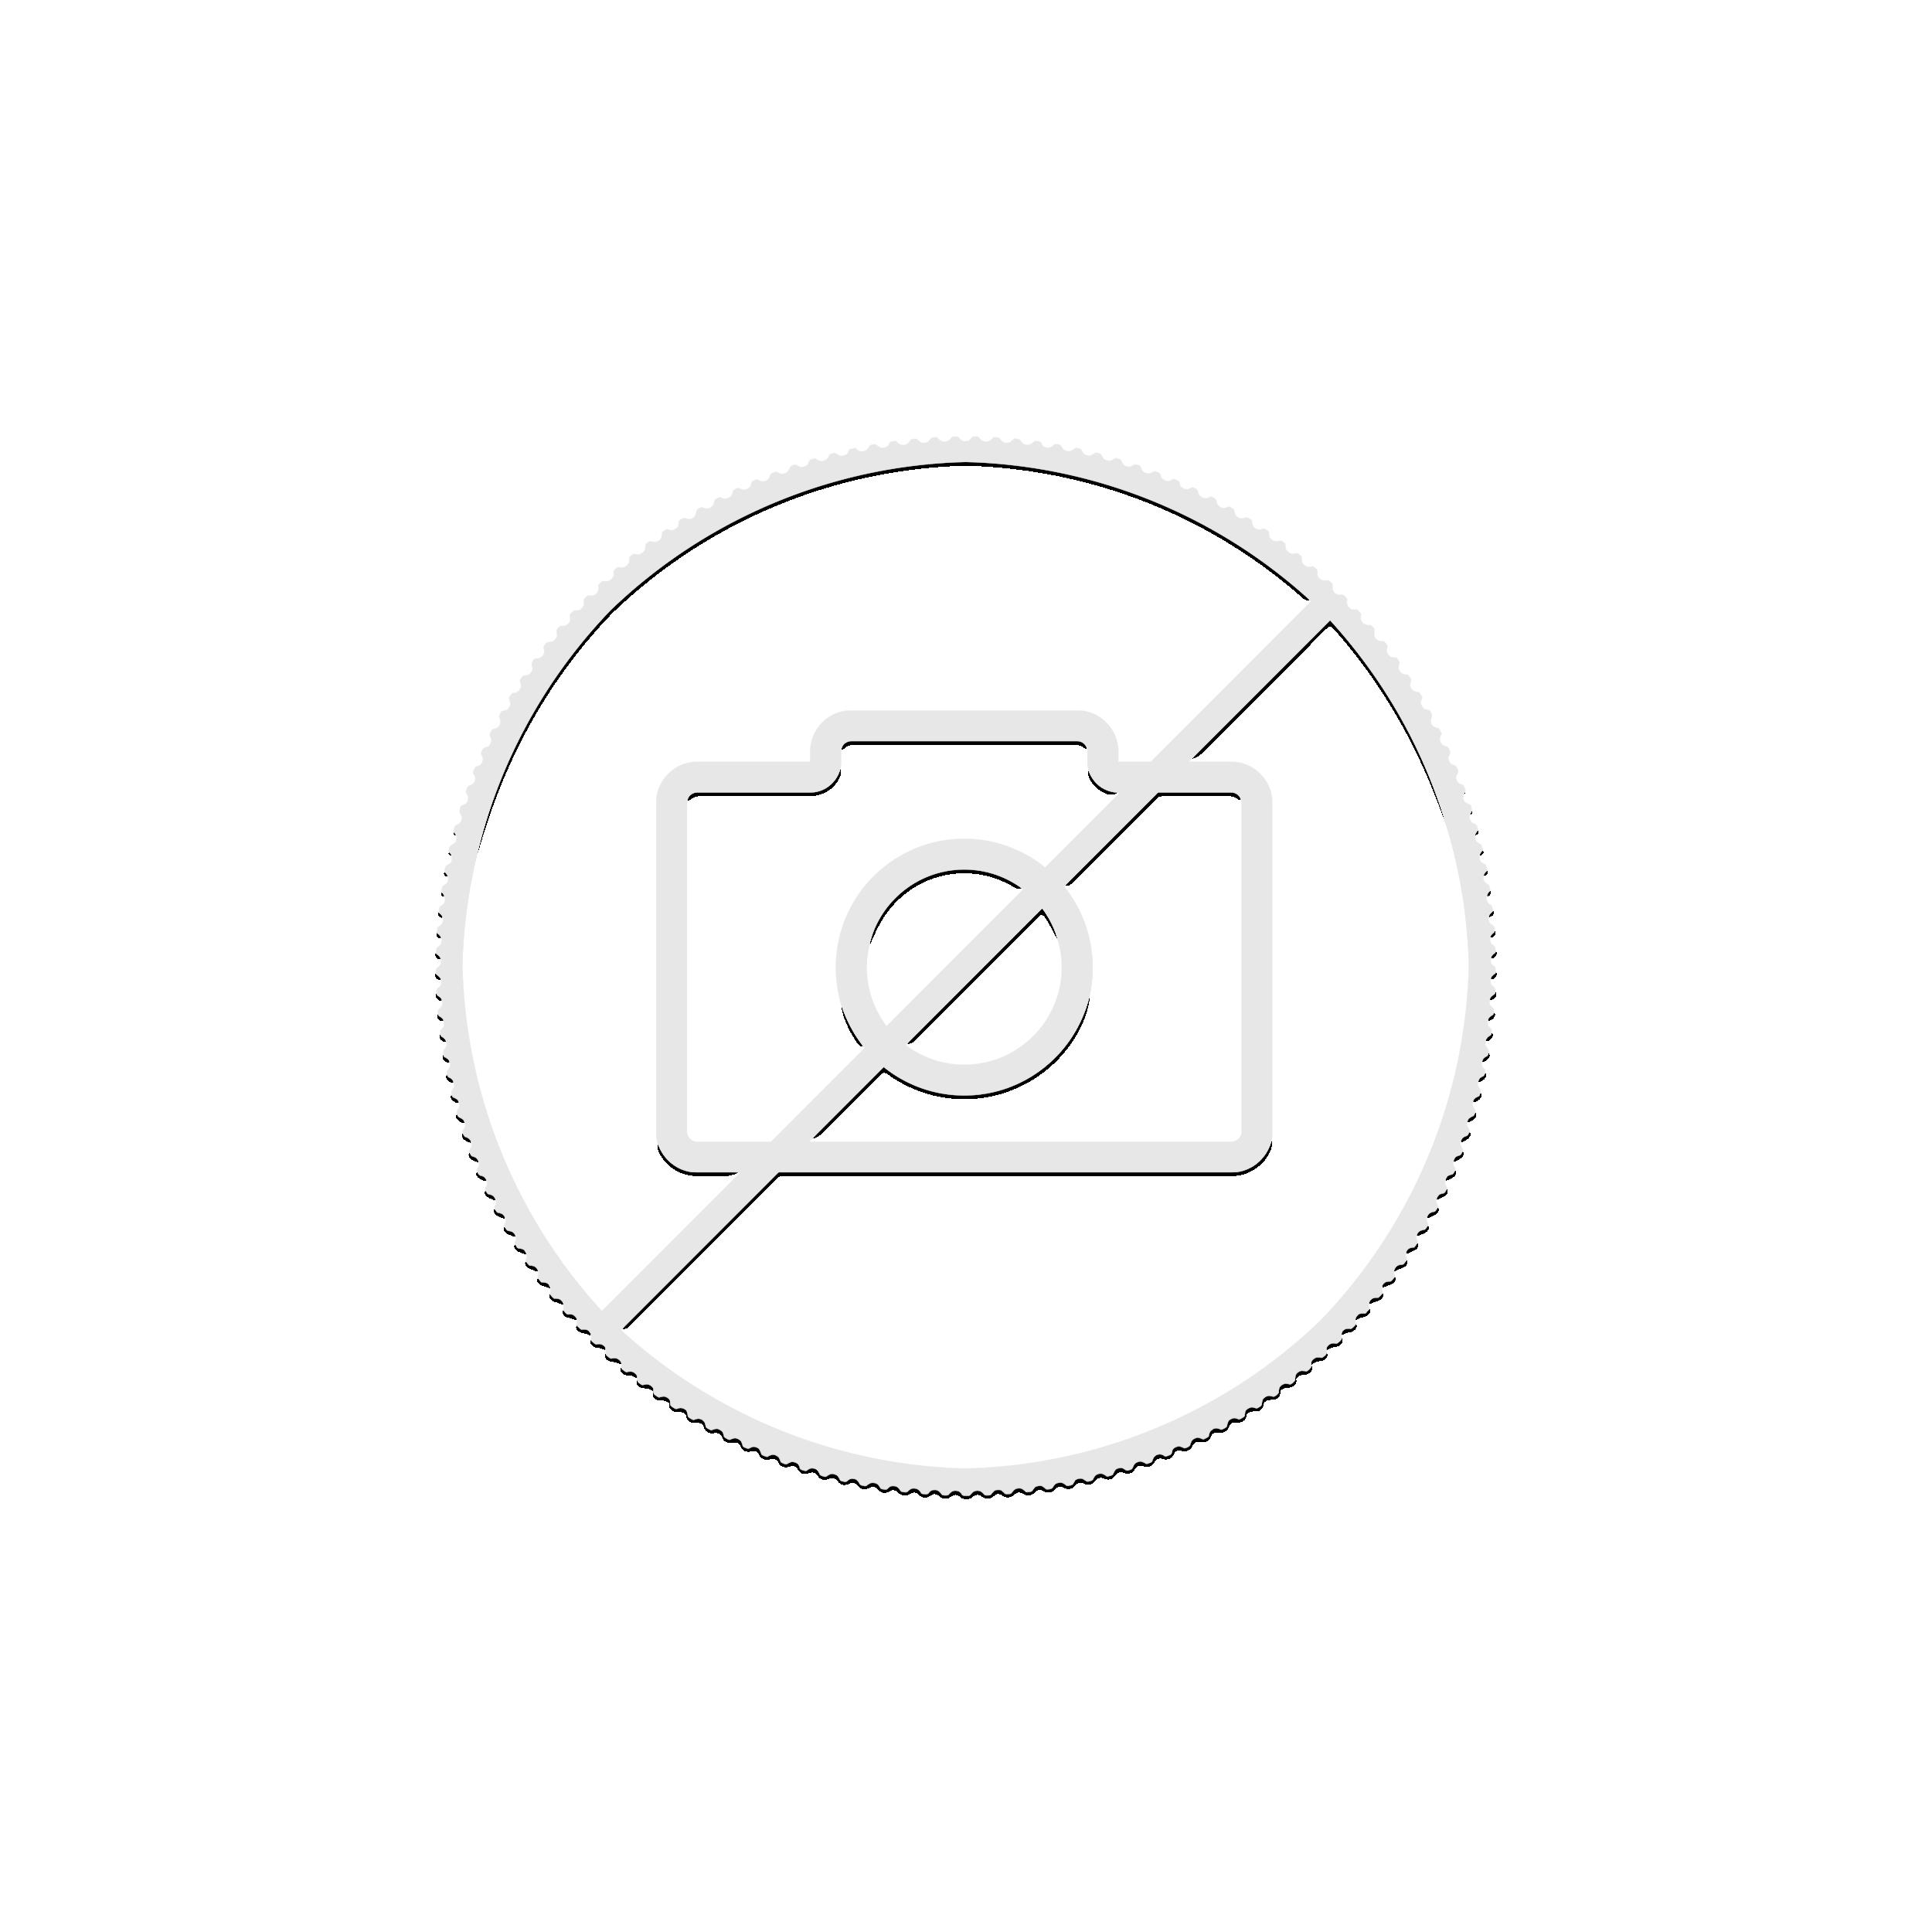 Birthstone Swarovski zilveren munt Juli 2020